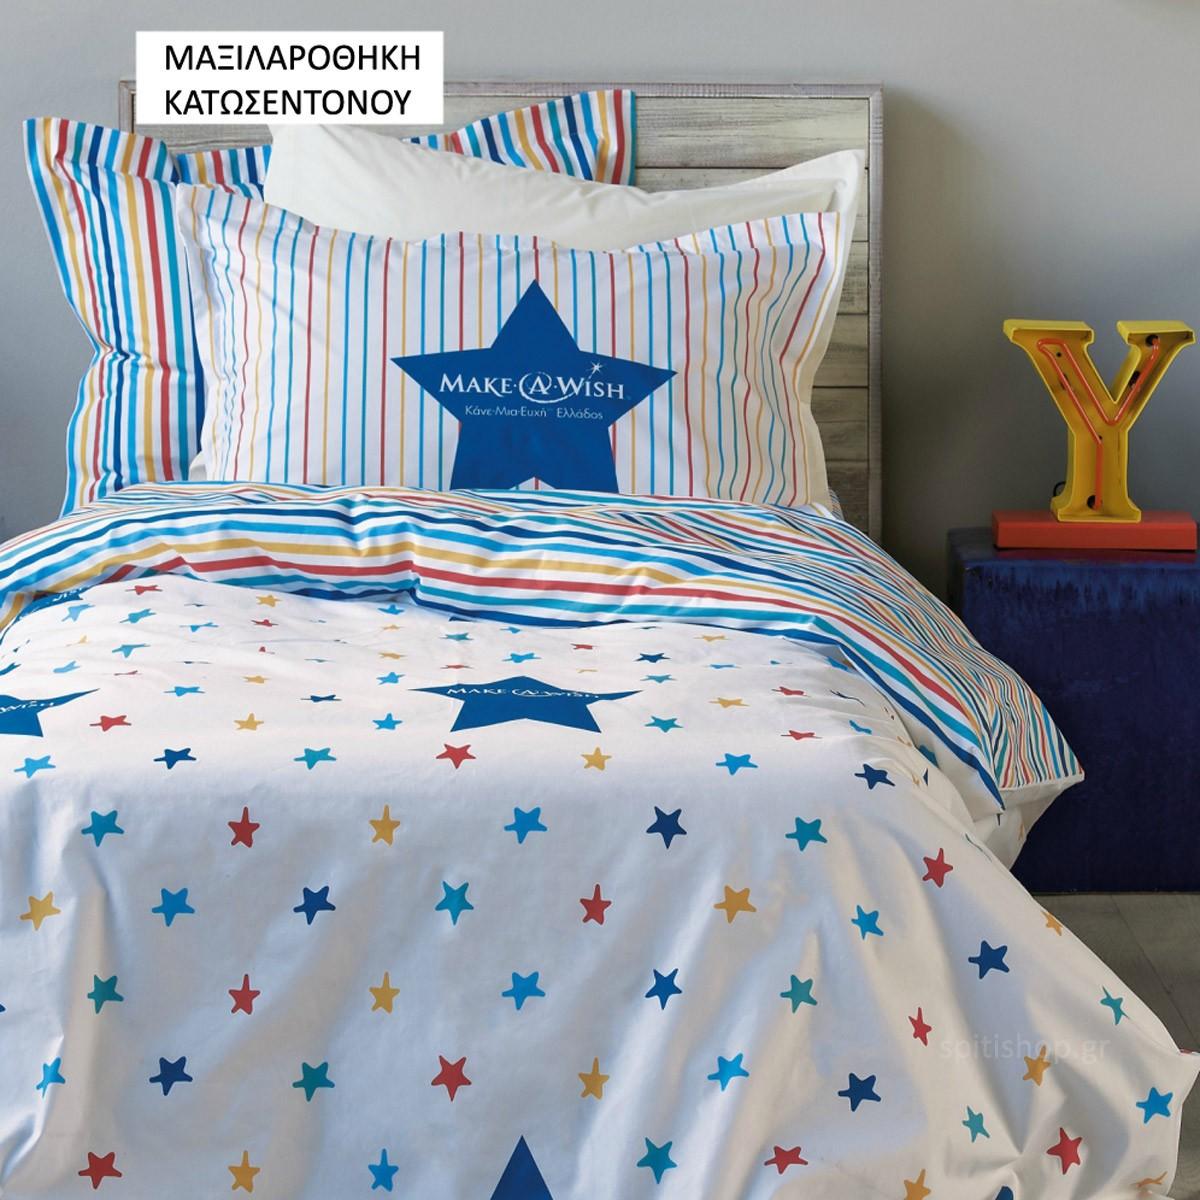 Μαξιλαροθήκη Κατωσέντονου Kentia Kids Make A Wish 01